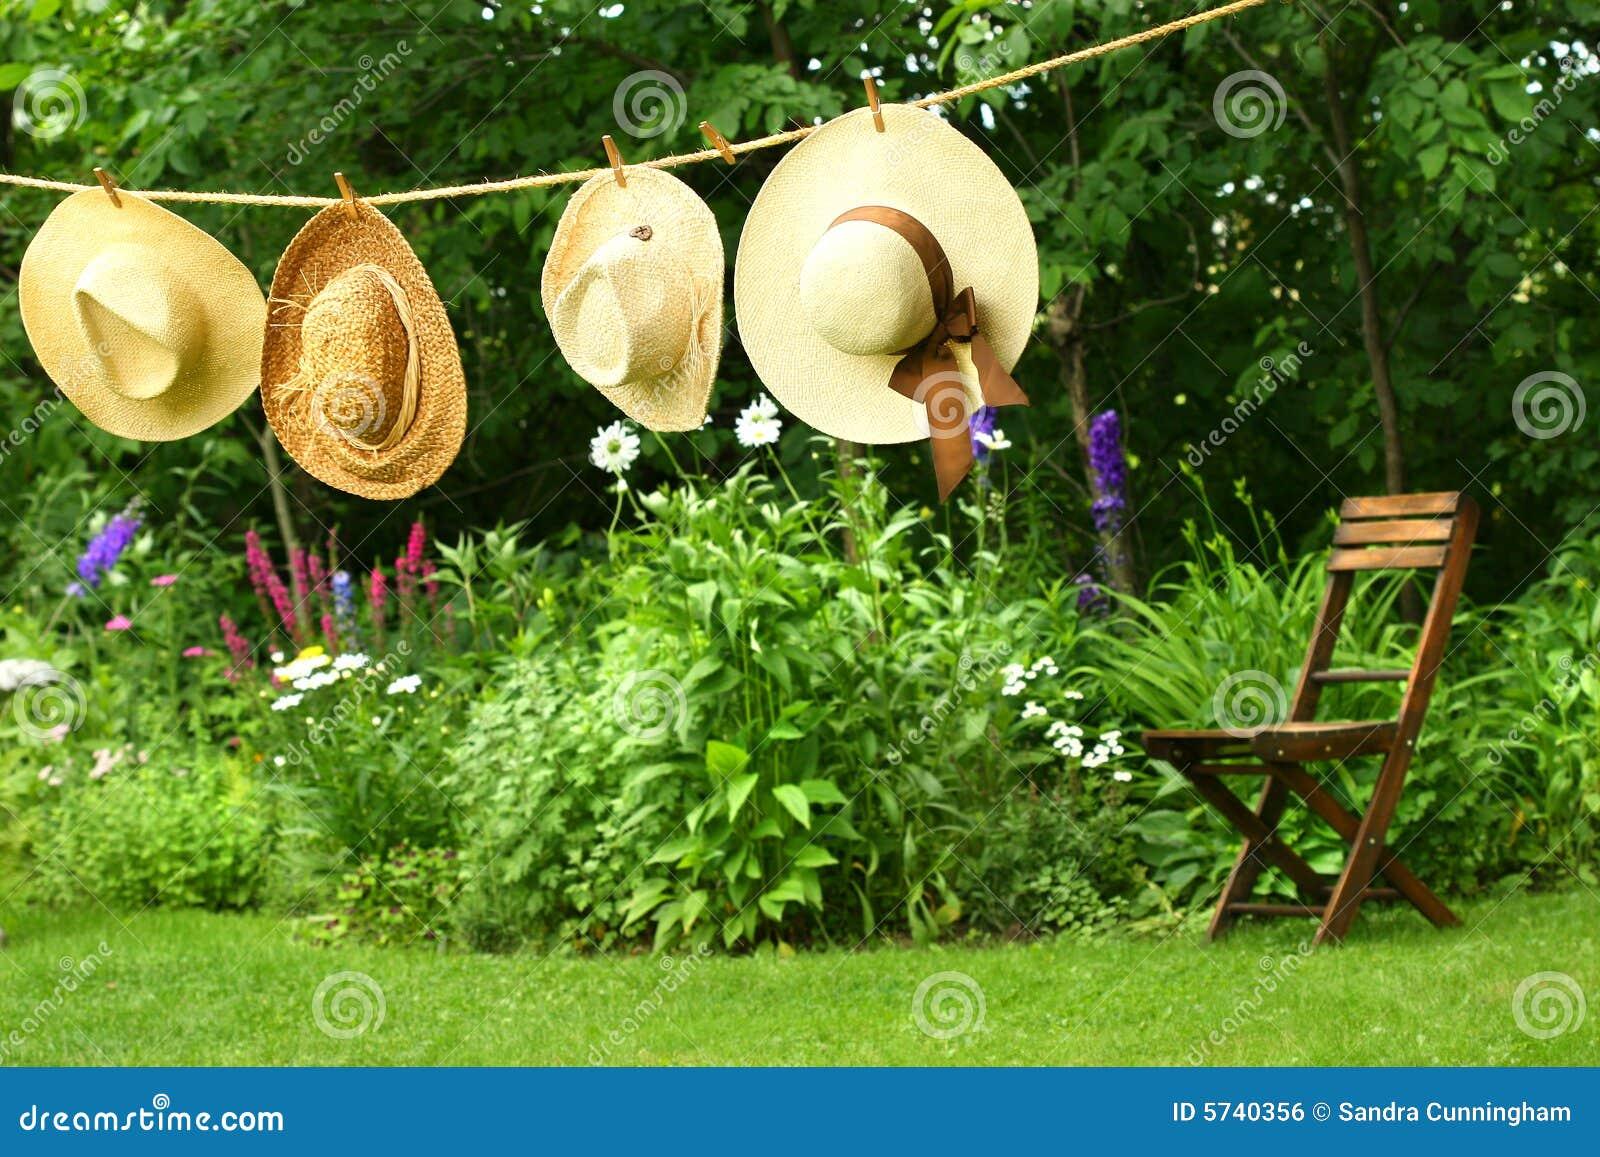 Hüte, die an der Wäscheleine hängen